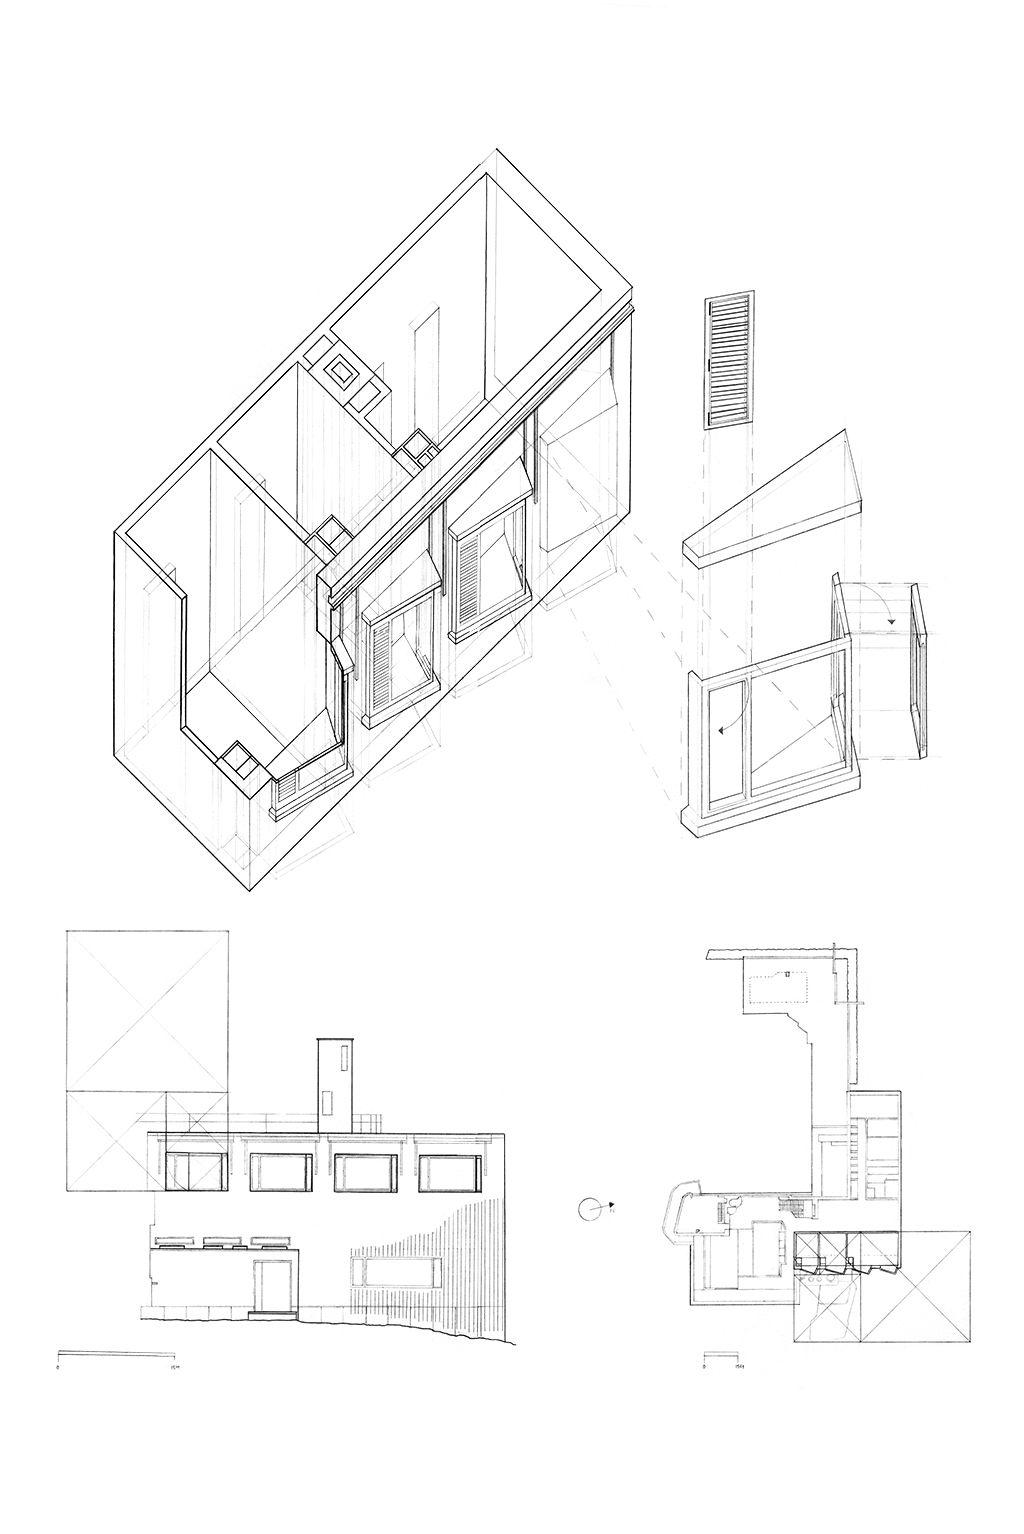 Villa Mairea Study Alvar Aalto Graphite Architecture